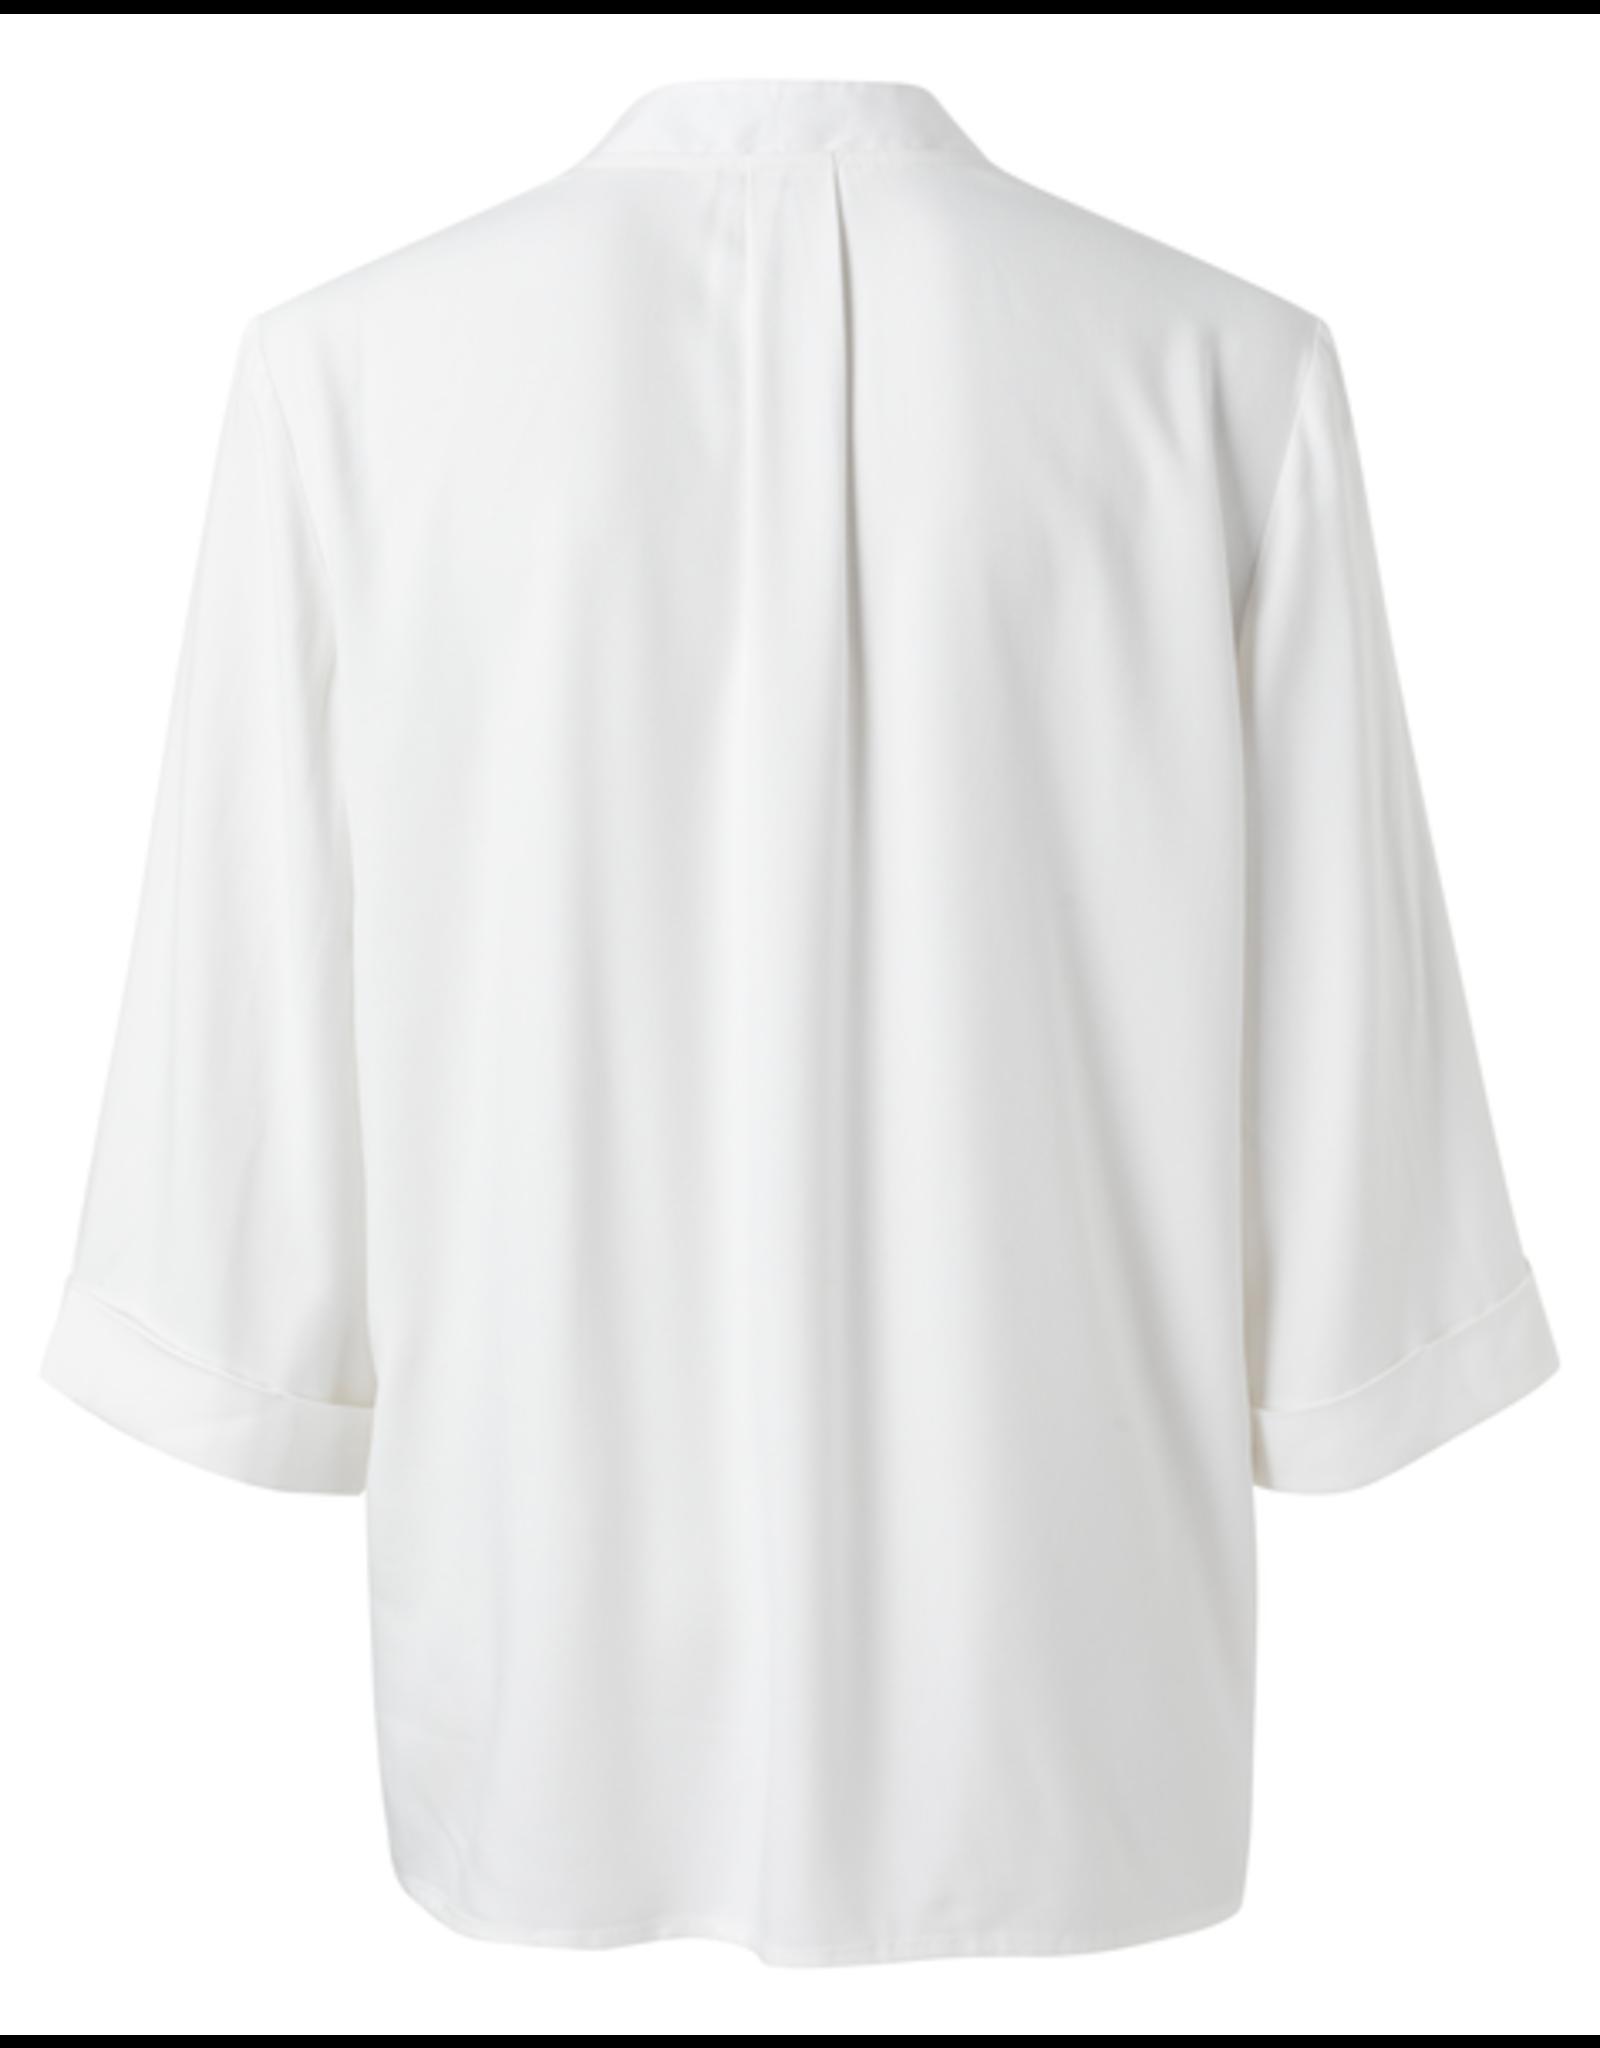 YAYA YAYA V-neck blouse with 3/4 sleeves blanc de blanc